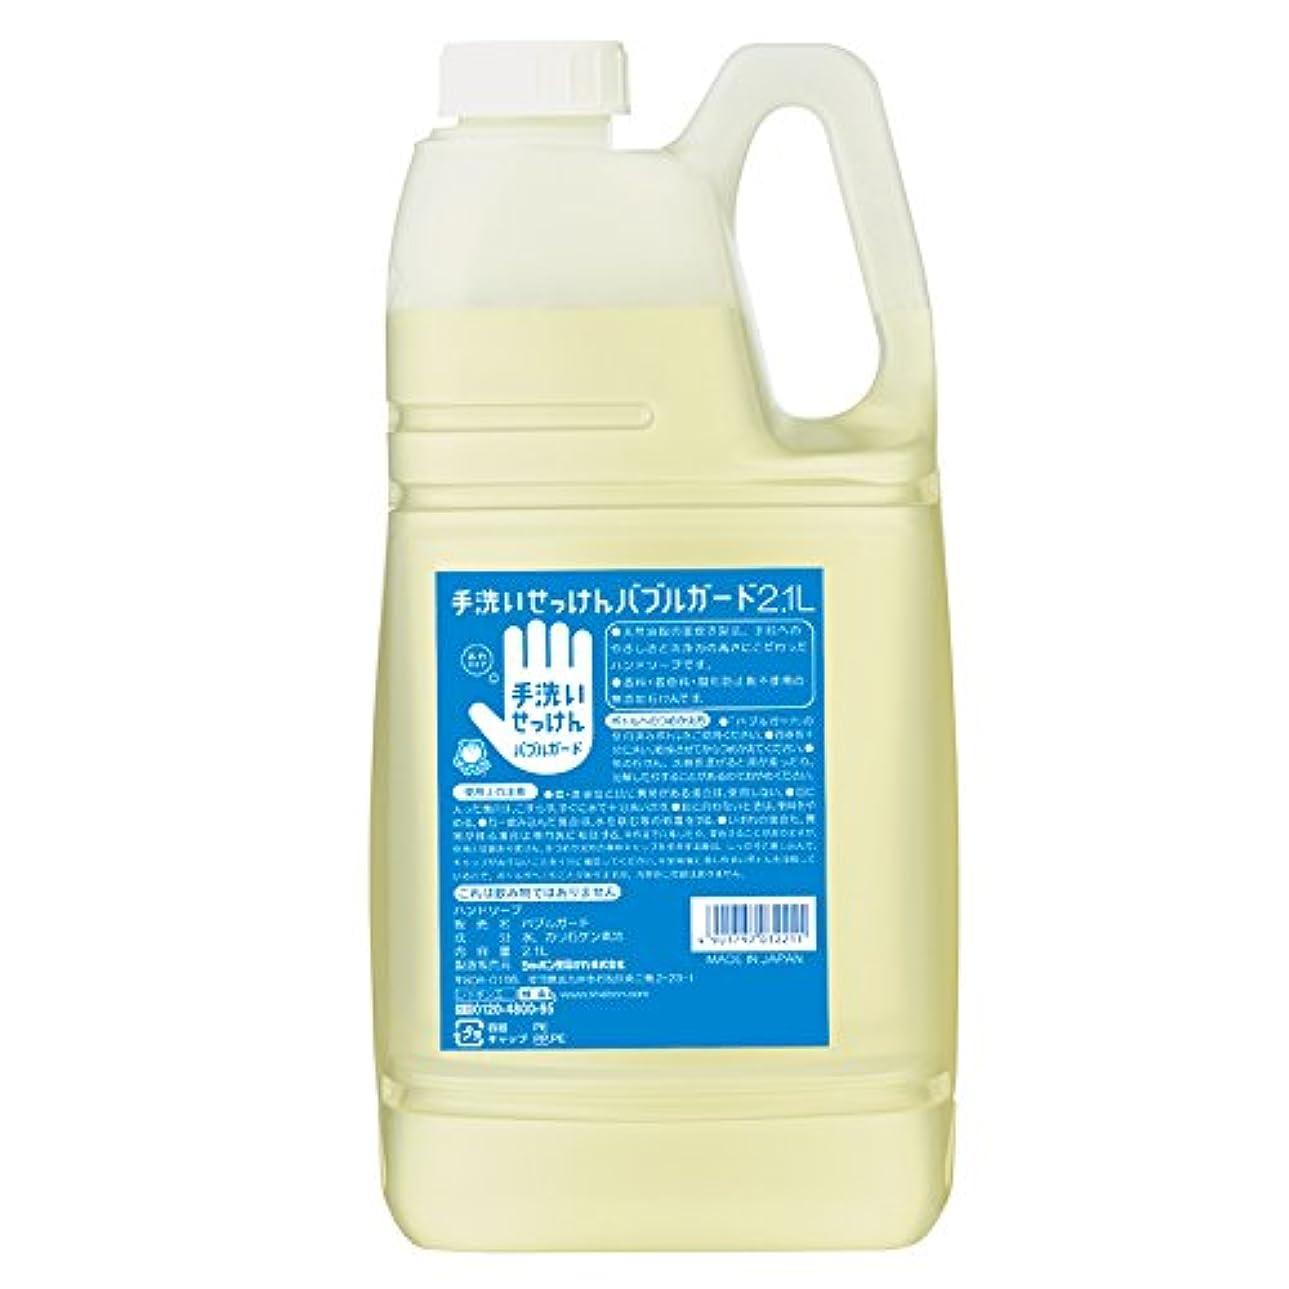 あなたのもの二度陽気なシャボン玉石けん 手洗いせっけん?ハンドソープ バブルガード 2.1L